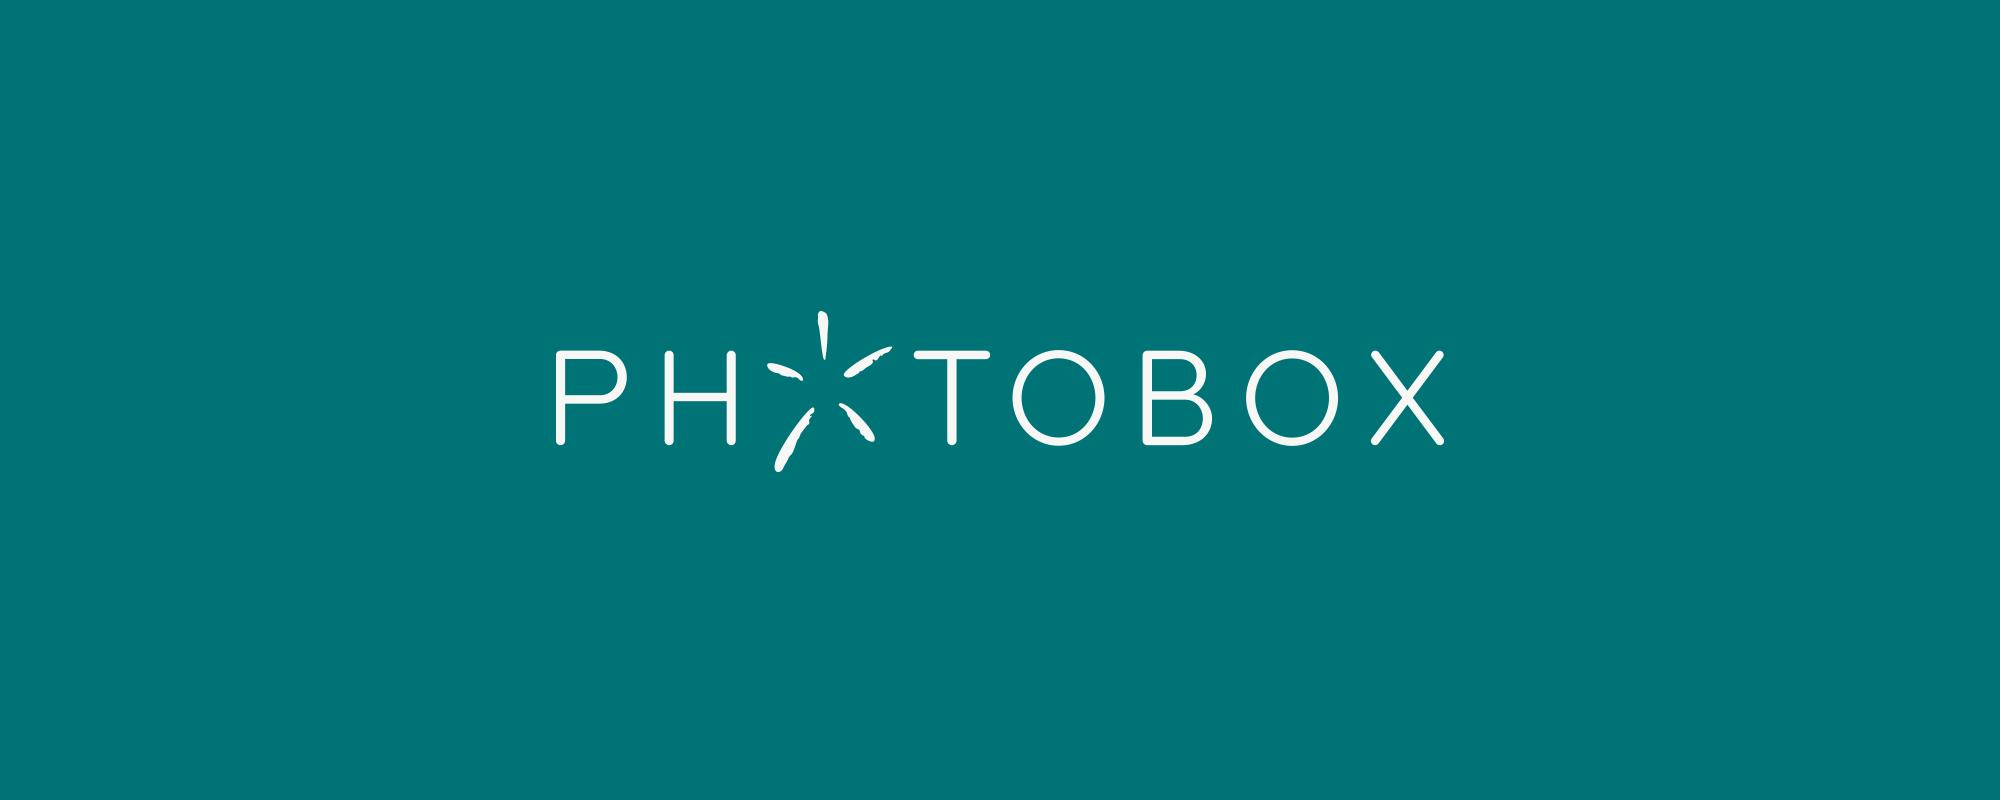 """Résultat de recherche d'images pour """"photobox logo"""""""